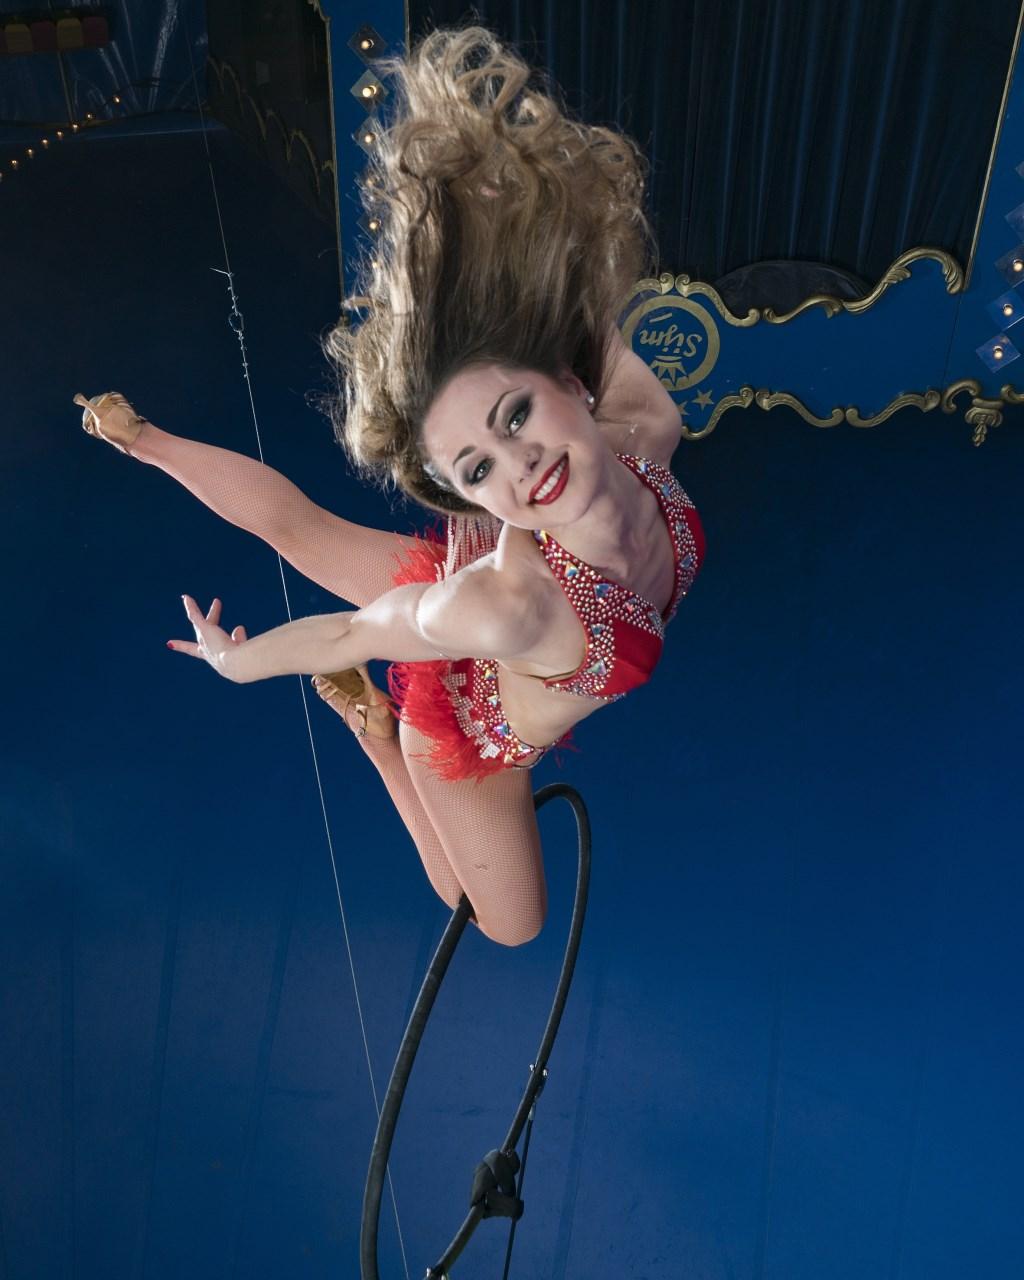 Adembenemende acrobatiek in de nok van de tent.  jan jong fotografie beeldproductie © rodi